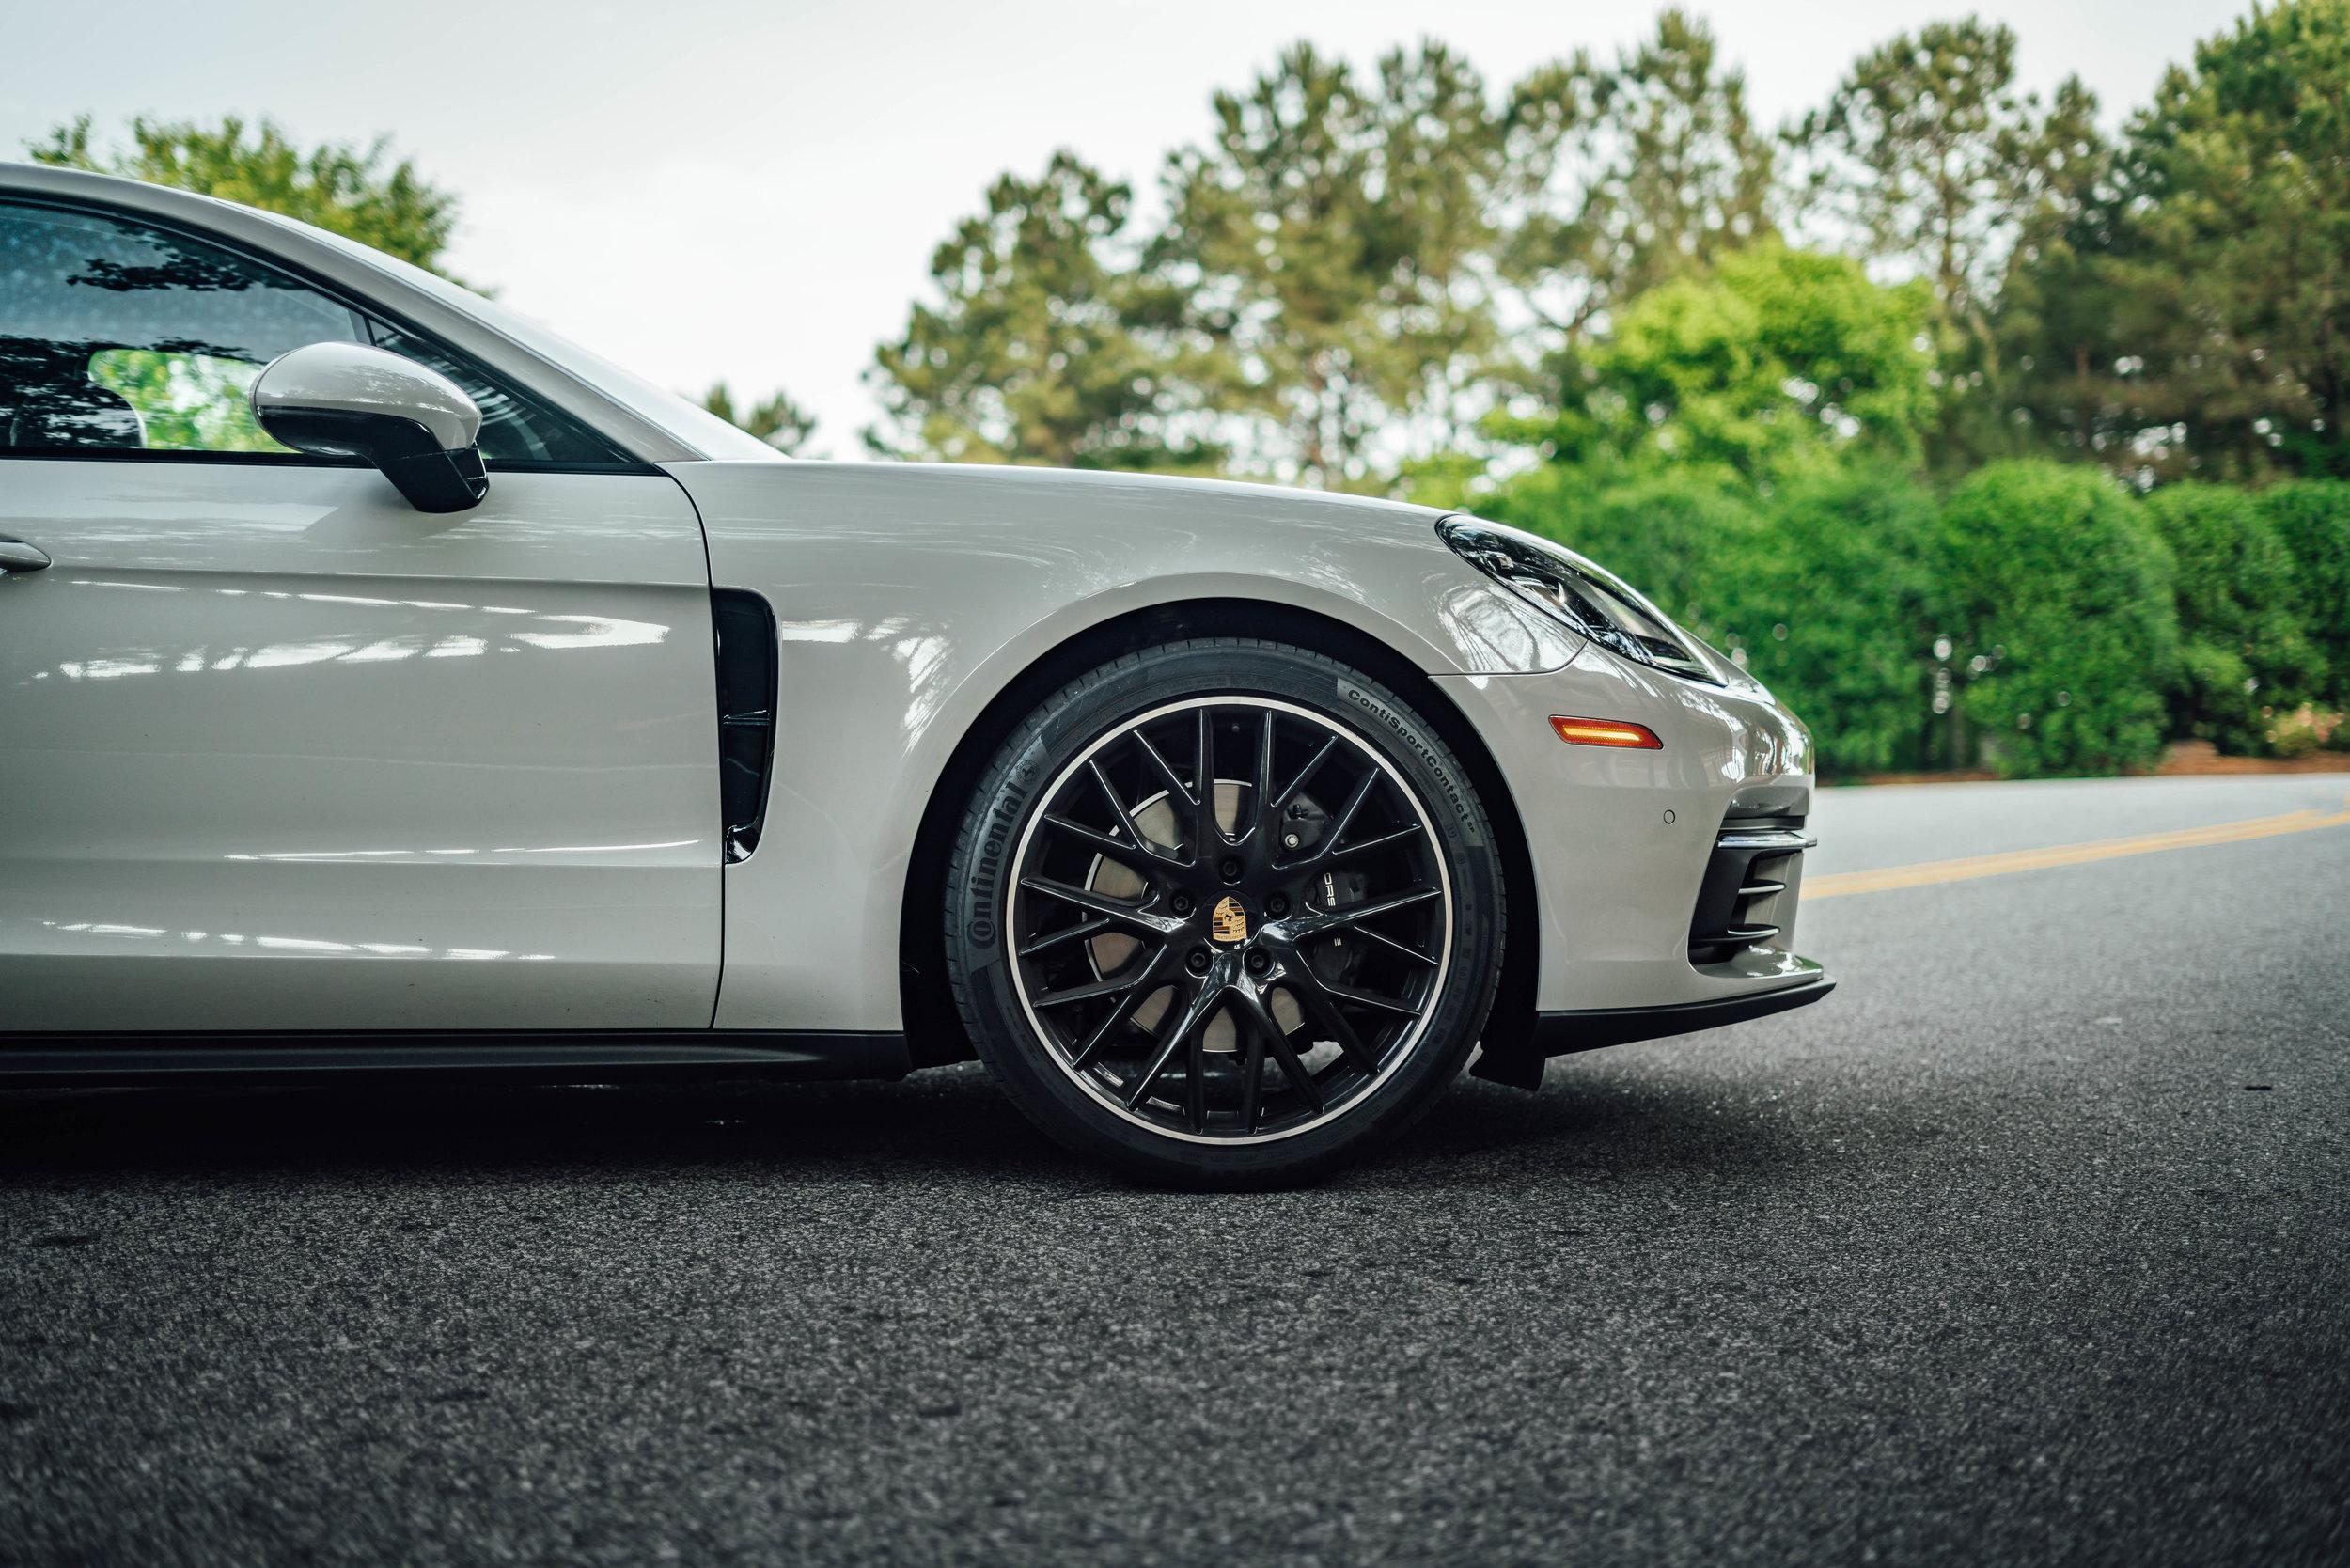 20190504 Porsche-8.jpg